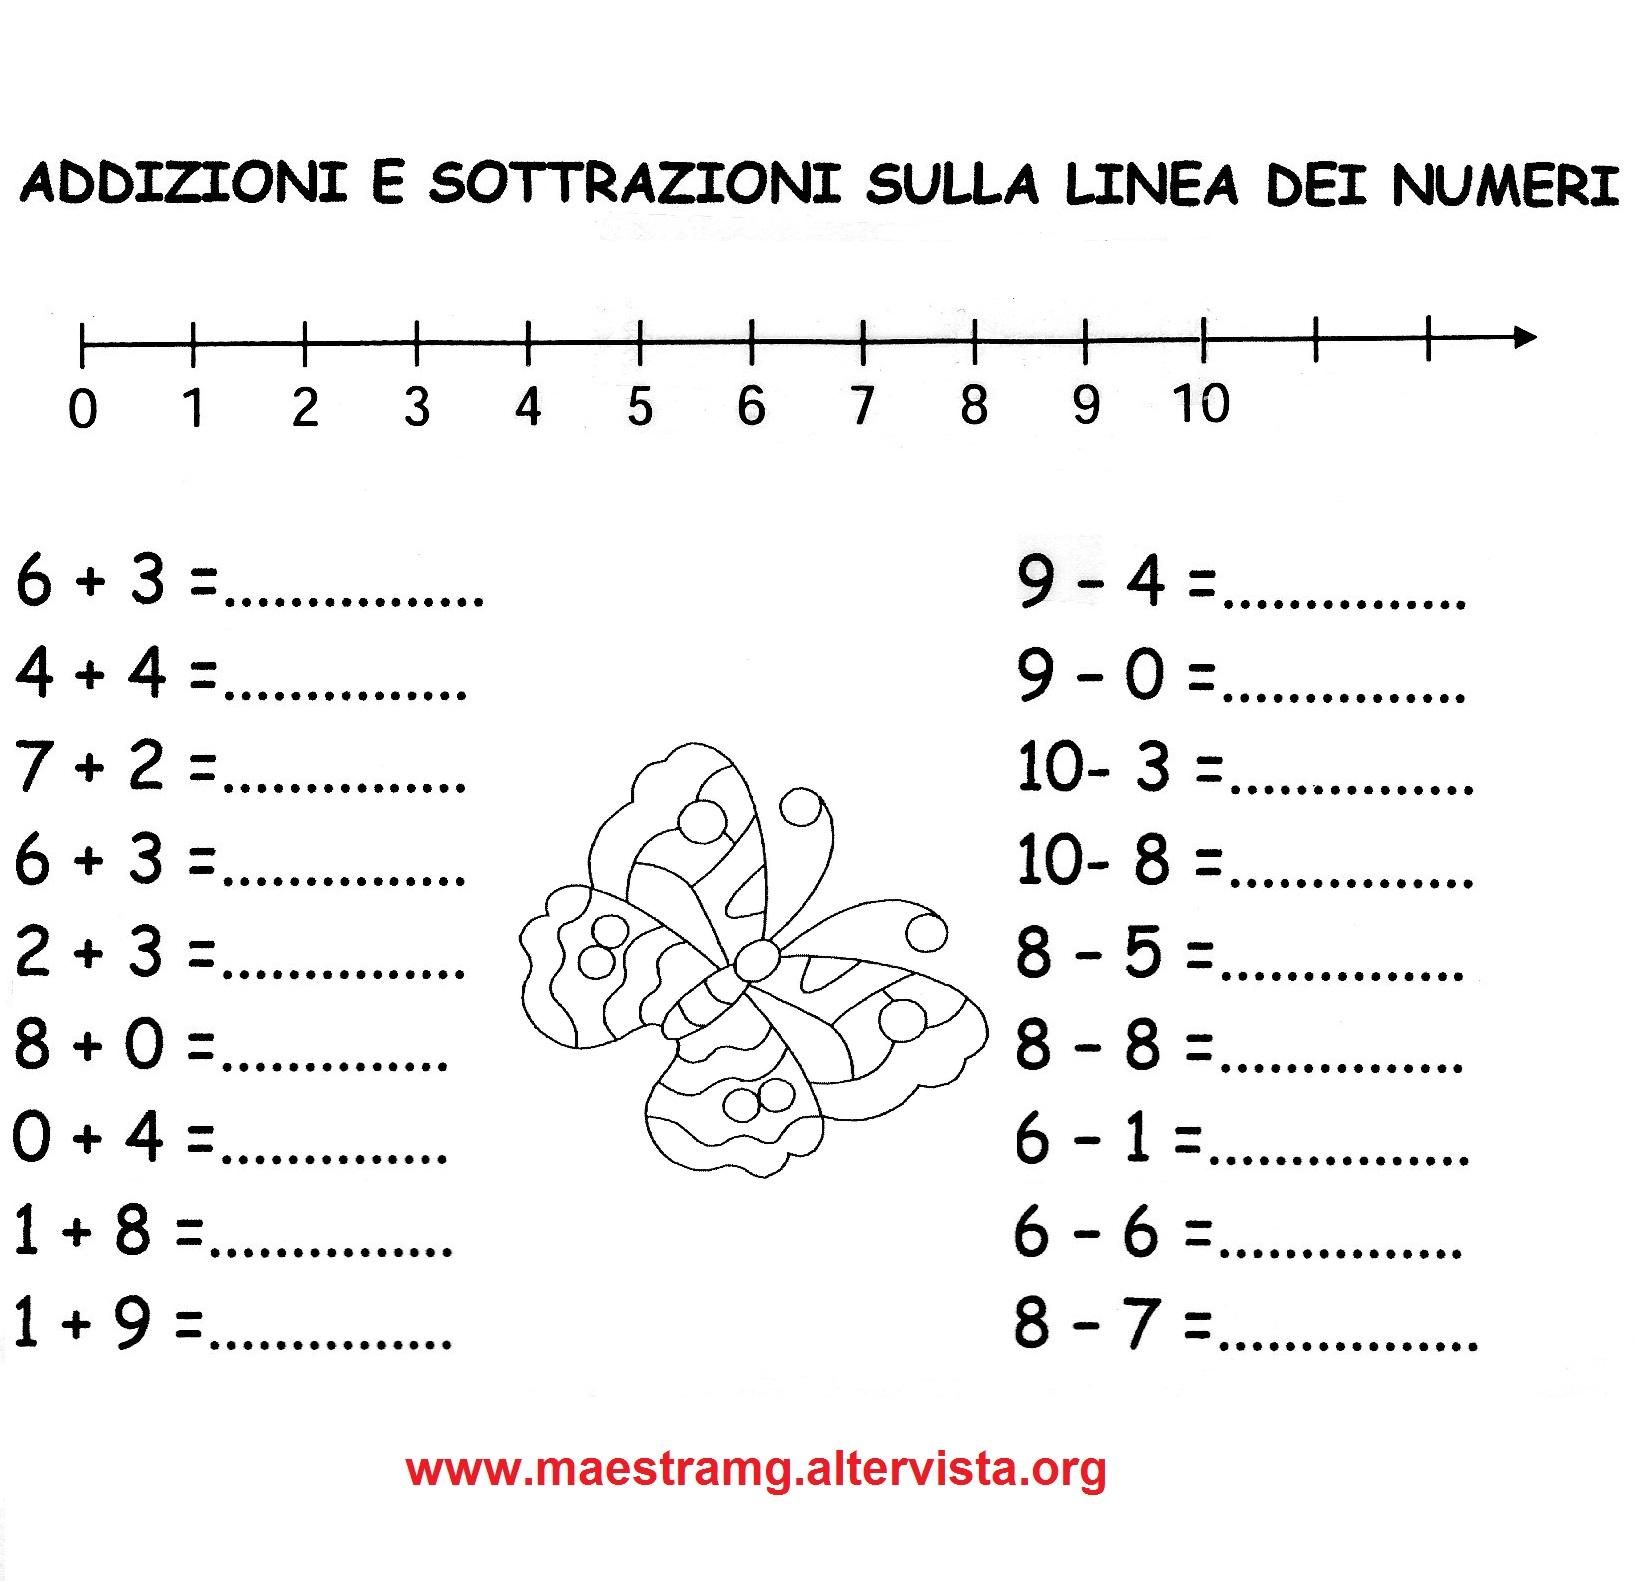 Molto Prima classe - MATEMATICA | MAESTRA MG MAESTRA MG VK89